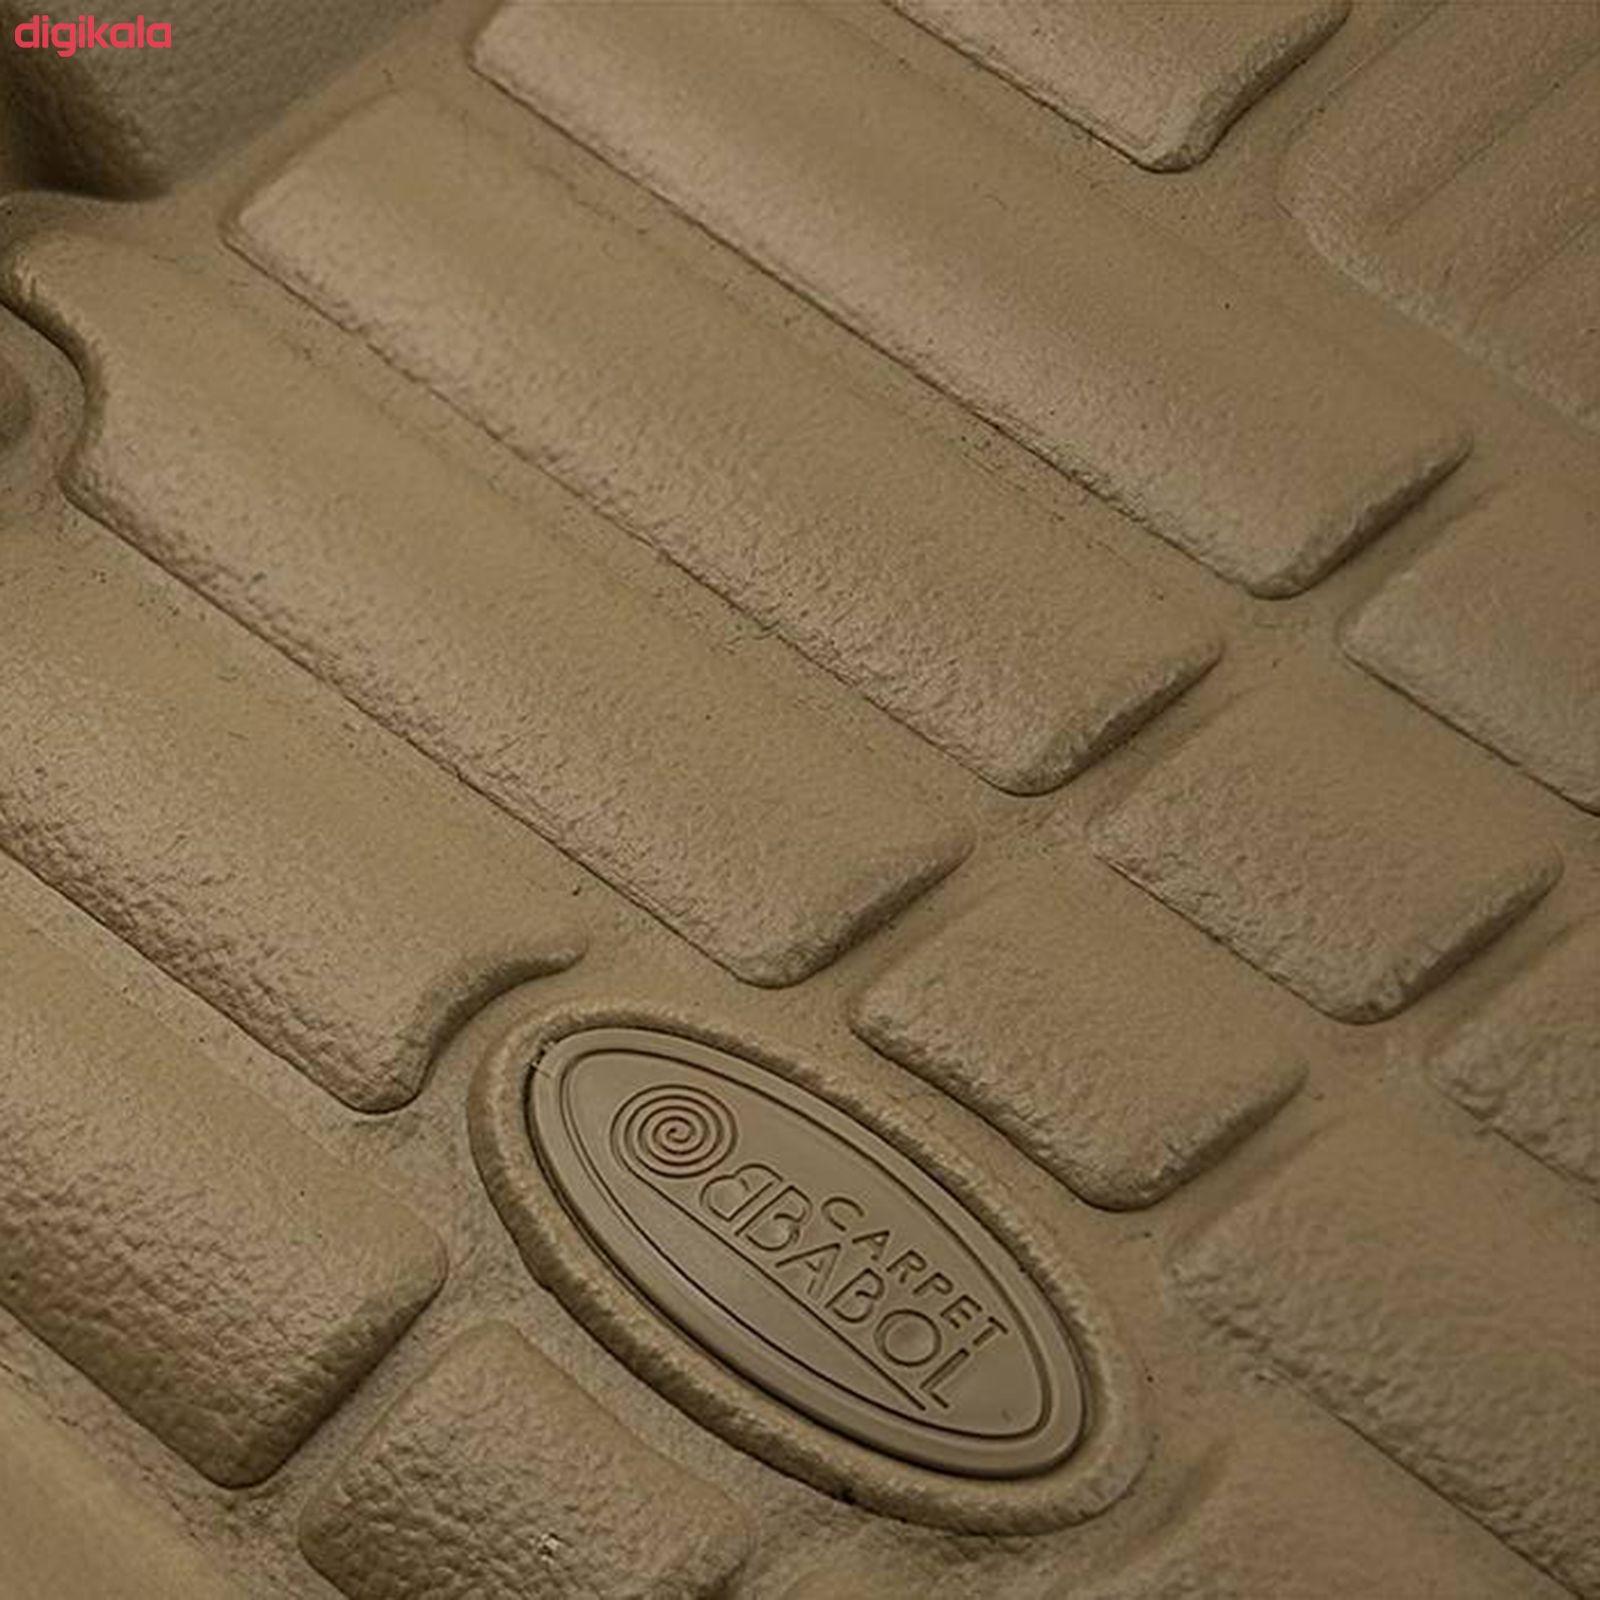 کفپوش سه بعدی خودرو بابل کارپت مدل ch12145 مناسب برای پژو پارس main 1 2